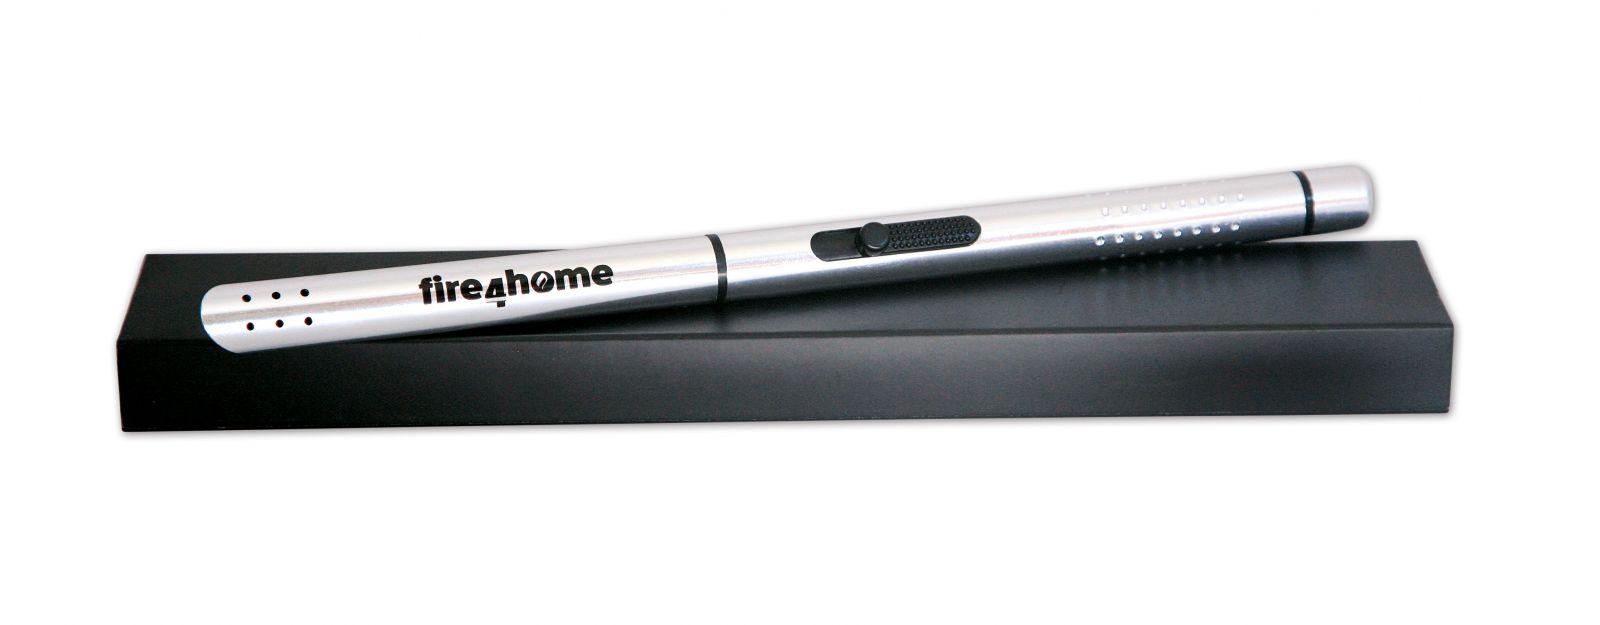 Plynový zapalovač dlouhý 26 cm - Fire4home